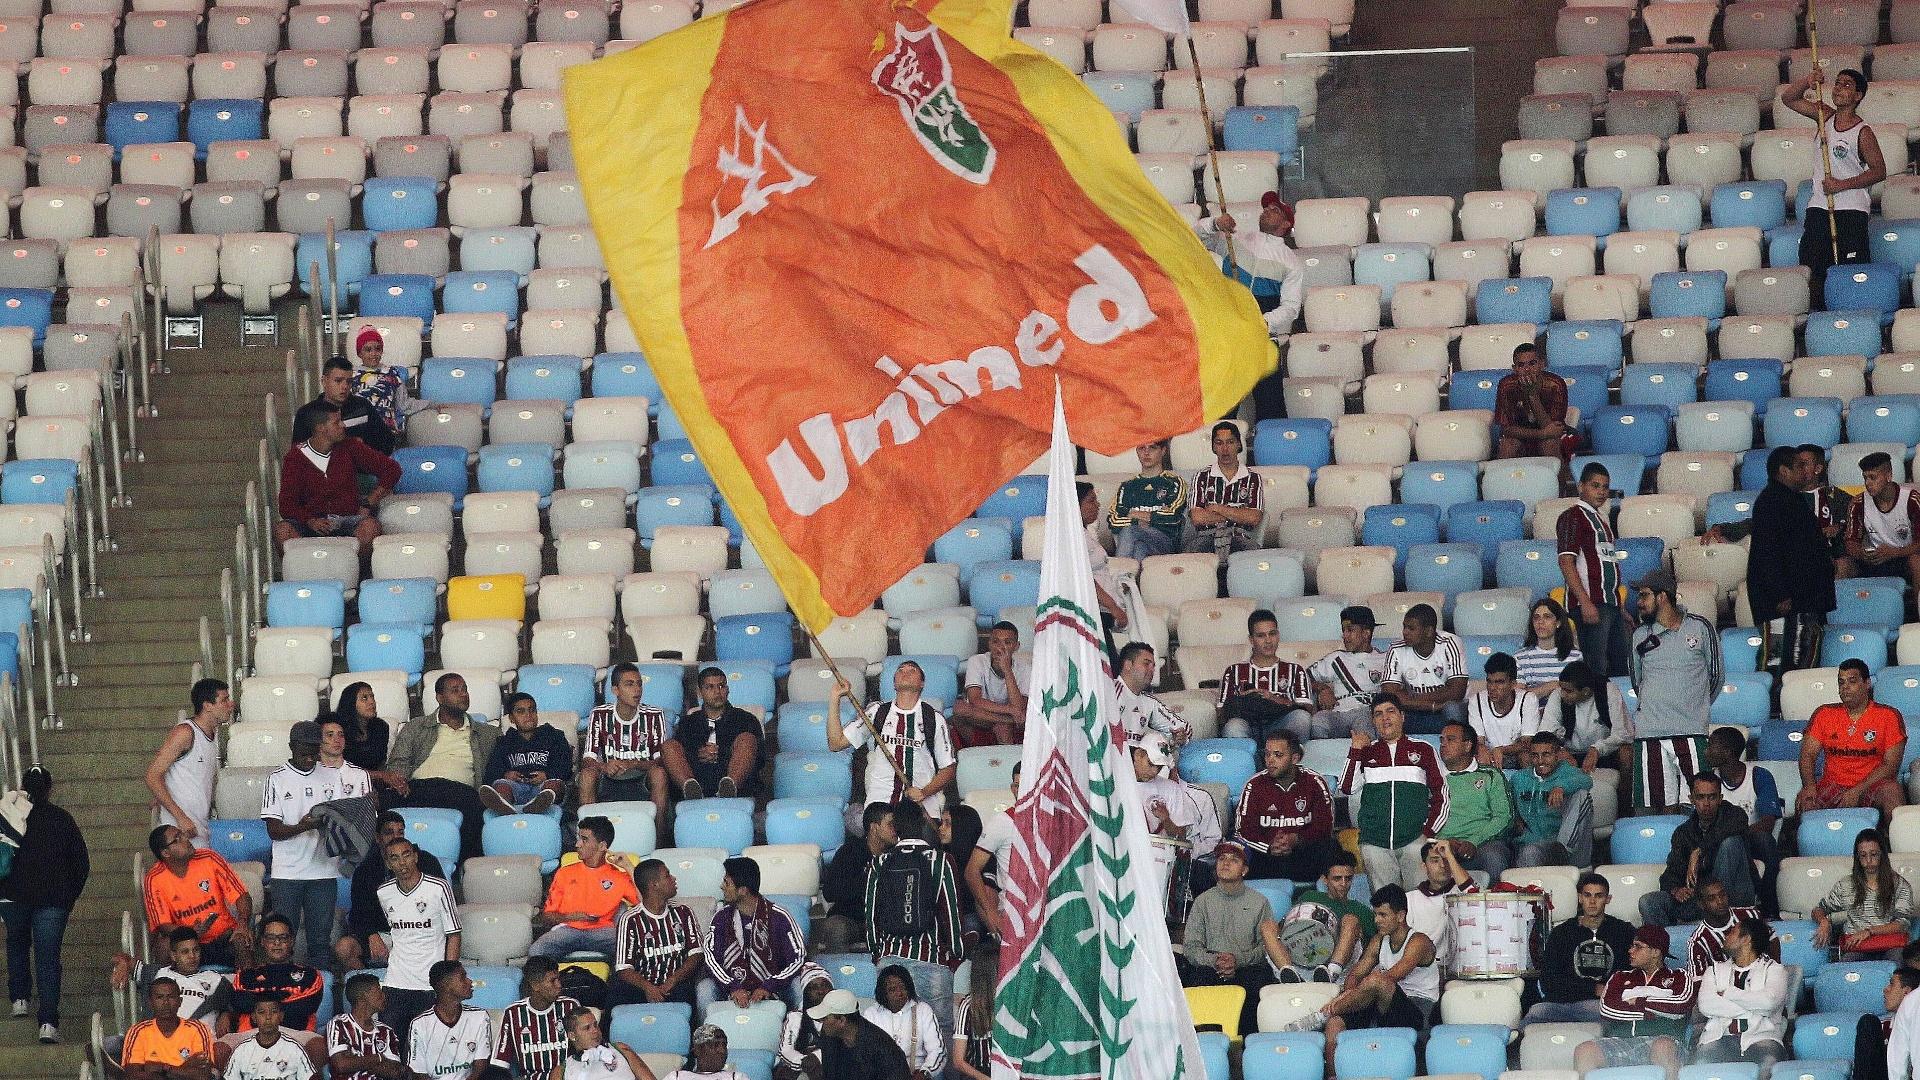 Torcida do Fluminense não comparece em peso para duelo contra o Goiás pela Copa Sul-Americana